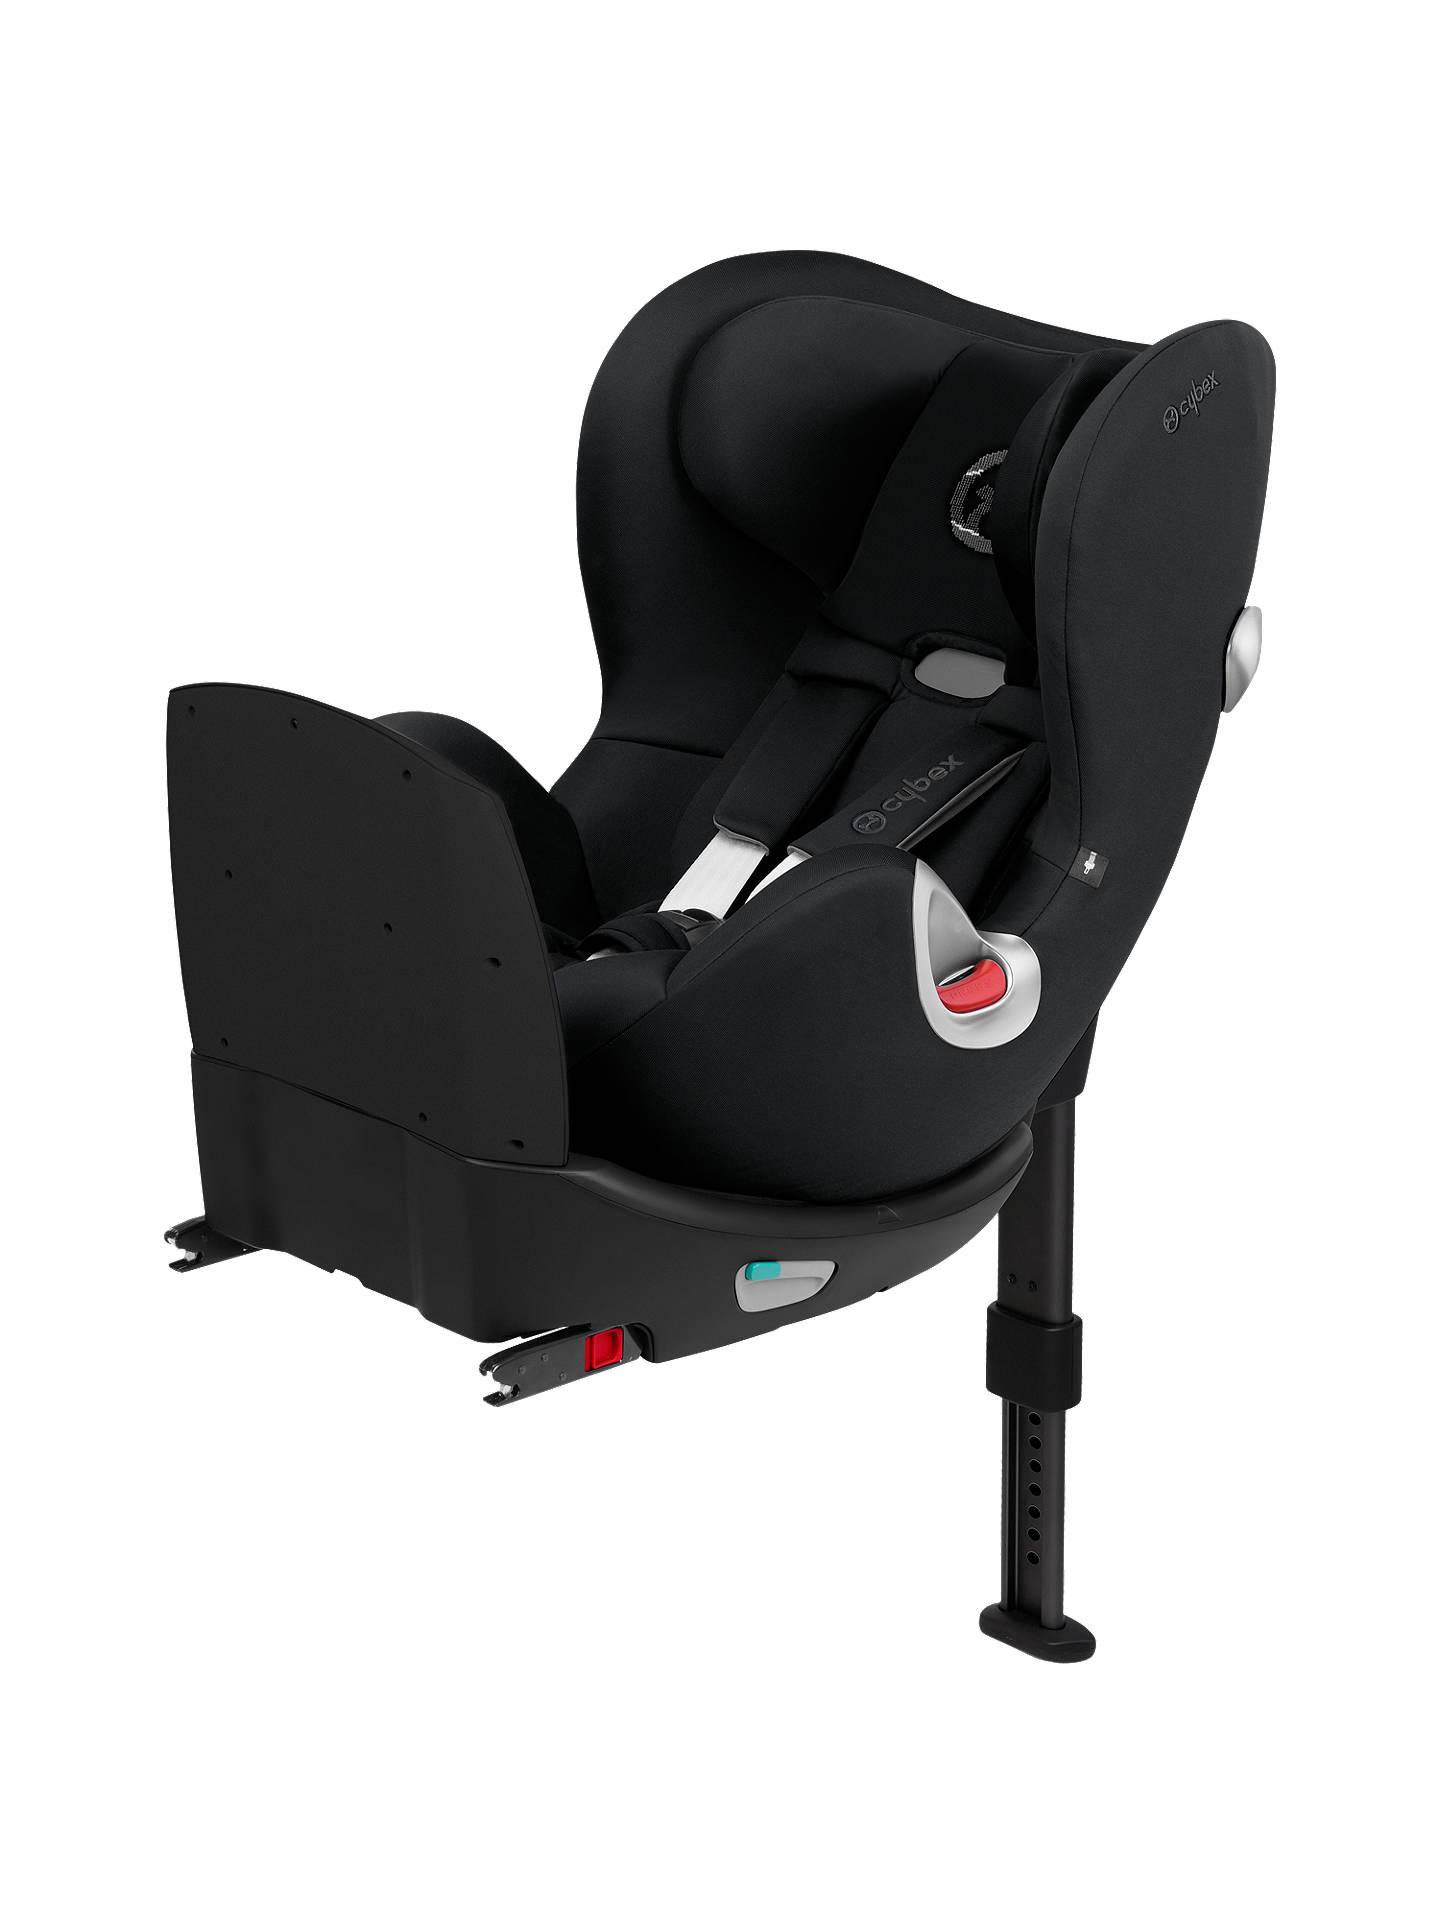 d99aa3a0da575 BuyCybex Sirona Q Group 0+ 1 i-Size Car Seat